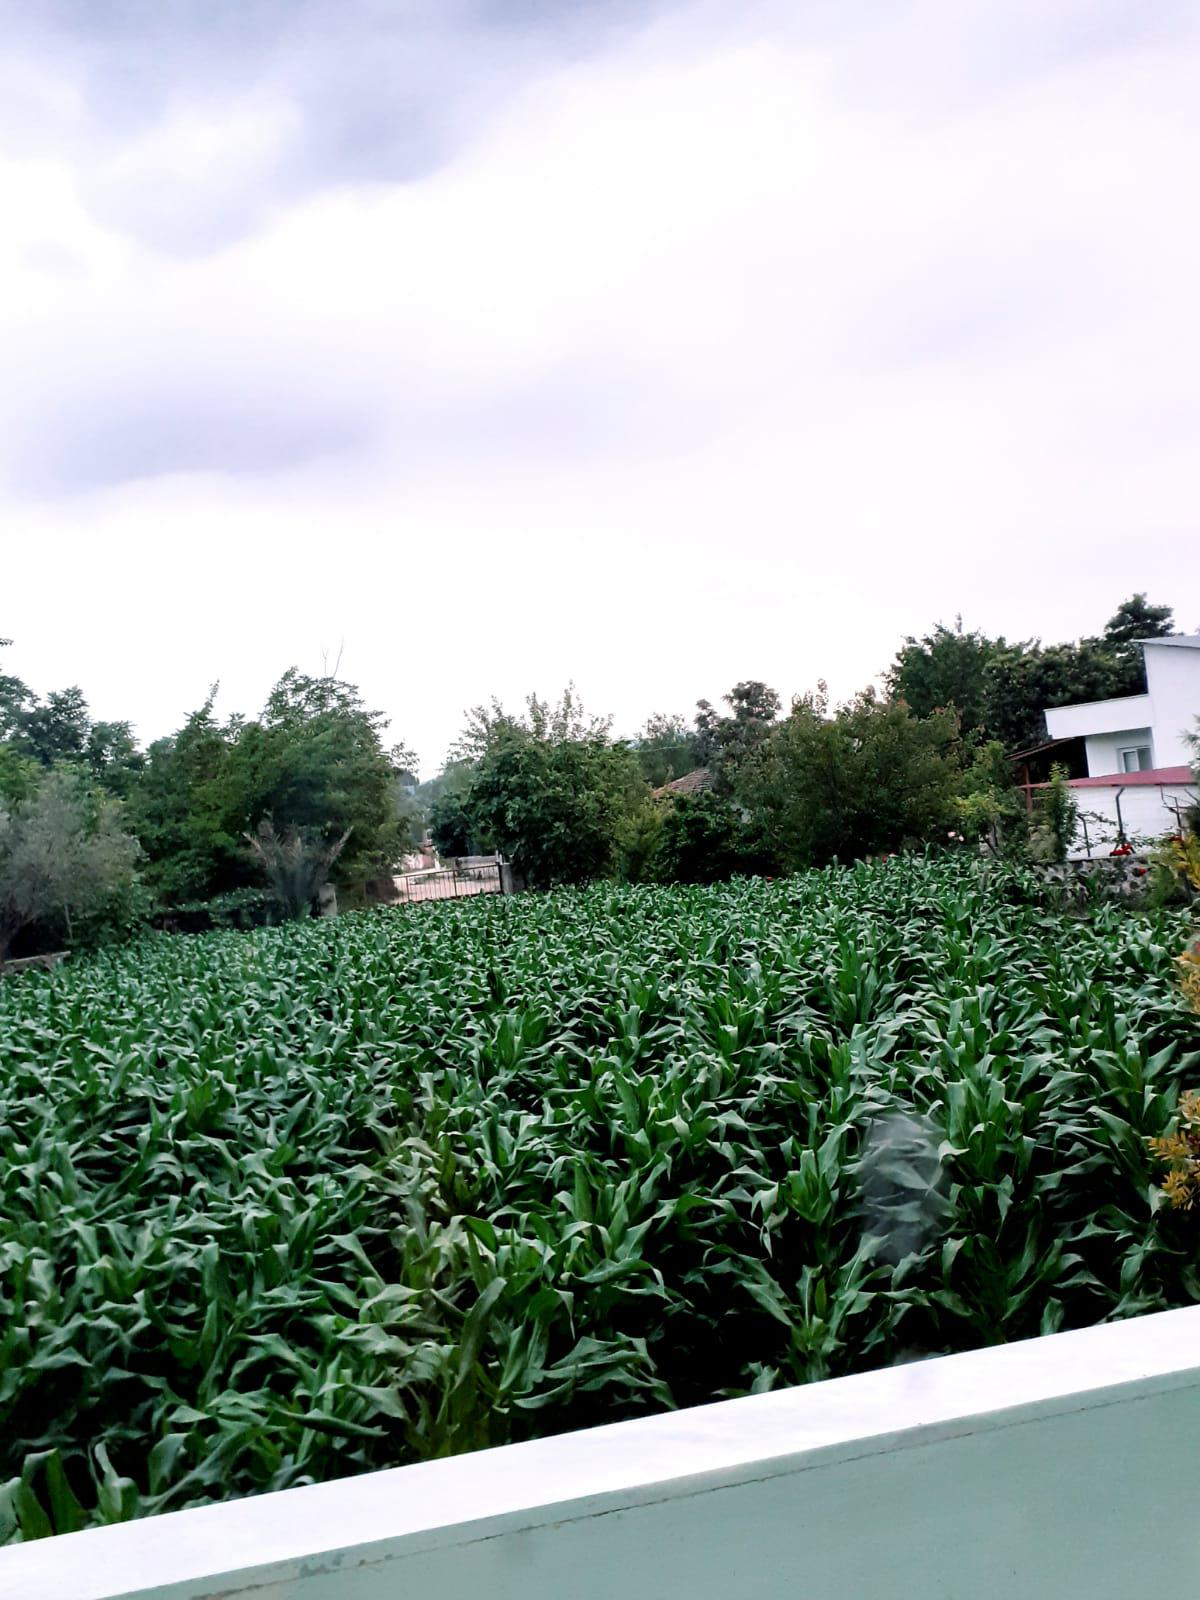 Mısır Dane - Üretici Uğur Şensoy 1.5 tl fiyat ile 3.000 kilogram dkc 6022 çeşidi mısır dane satmak istiyor